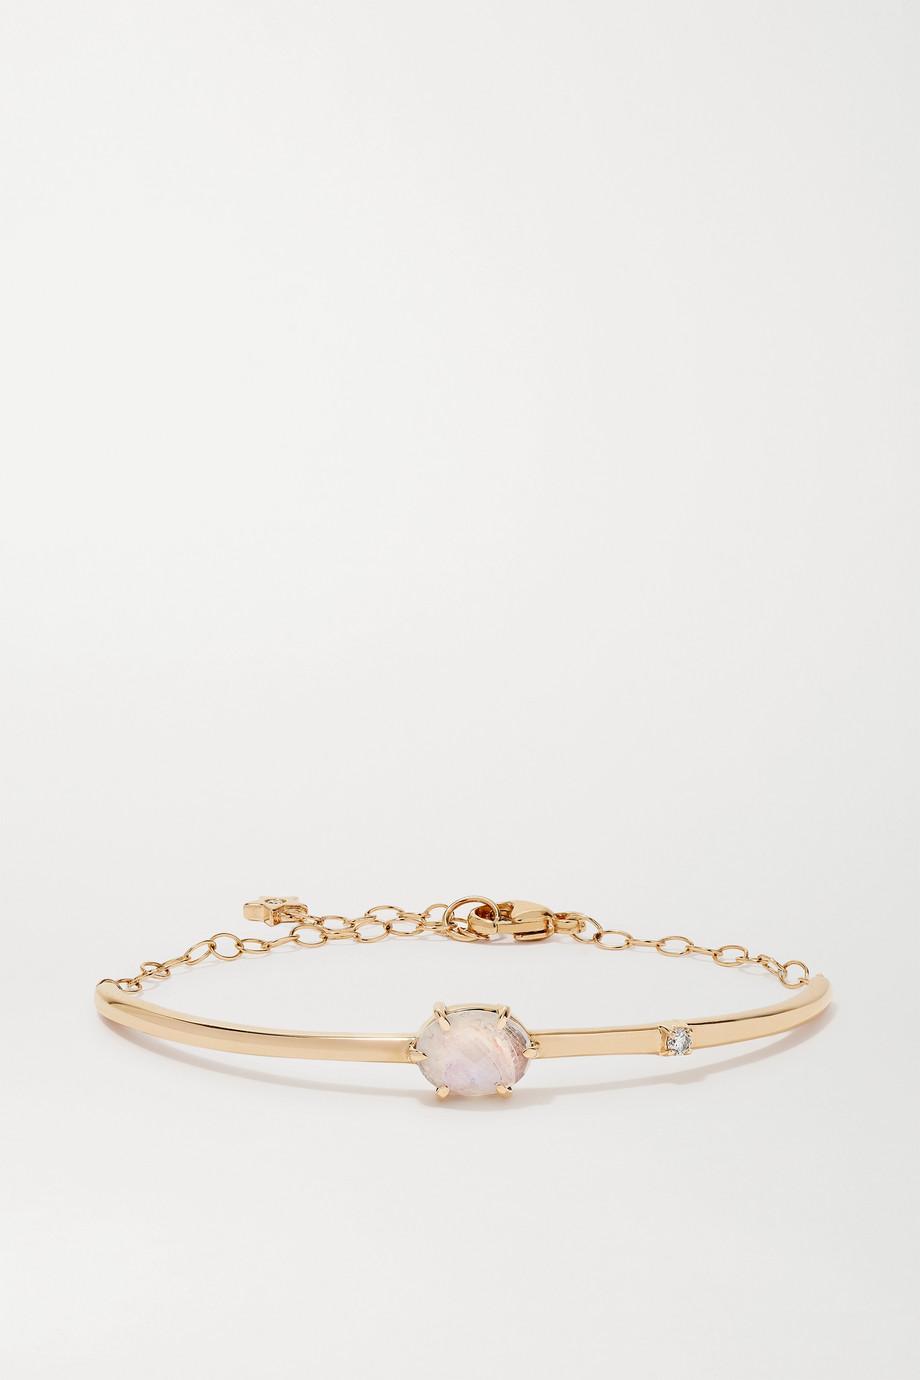 Andrea Fohrman Mini Cosmo Armband aus 14 Karat Gold mit Mondstein und Diamanten